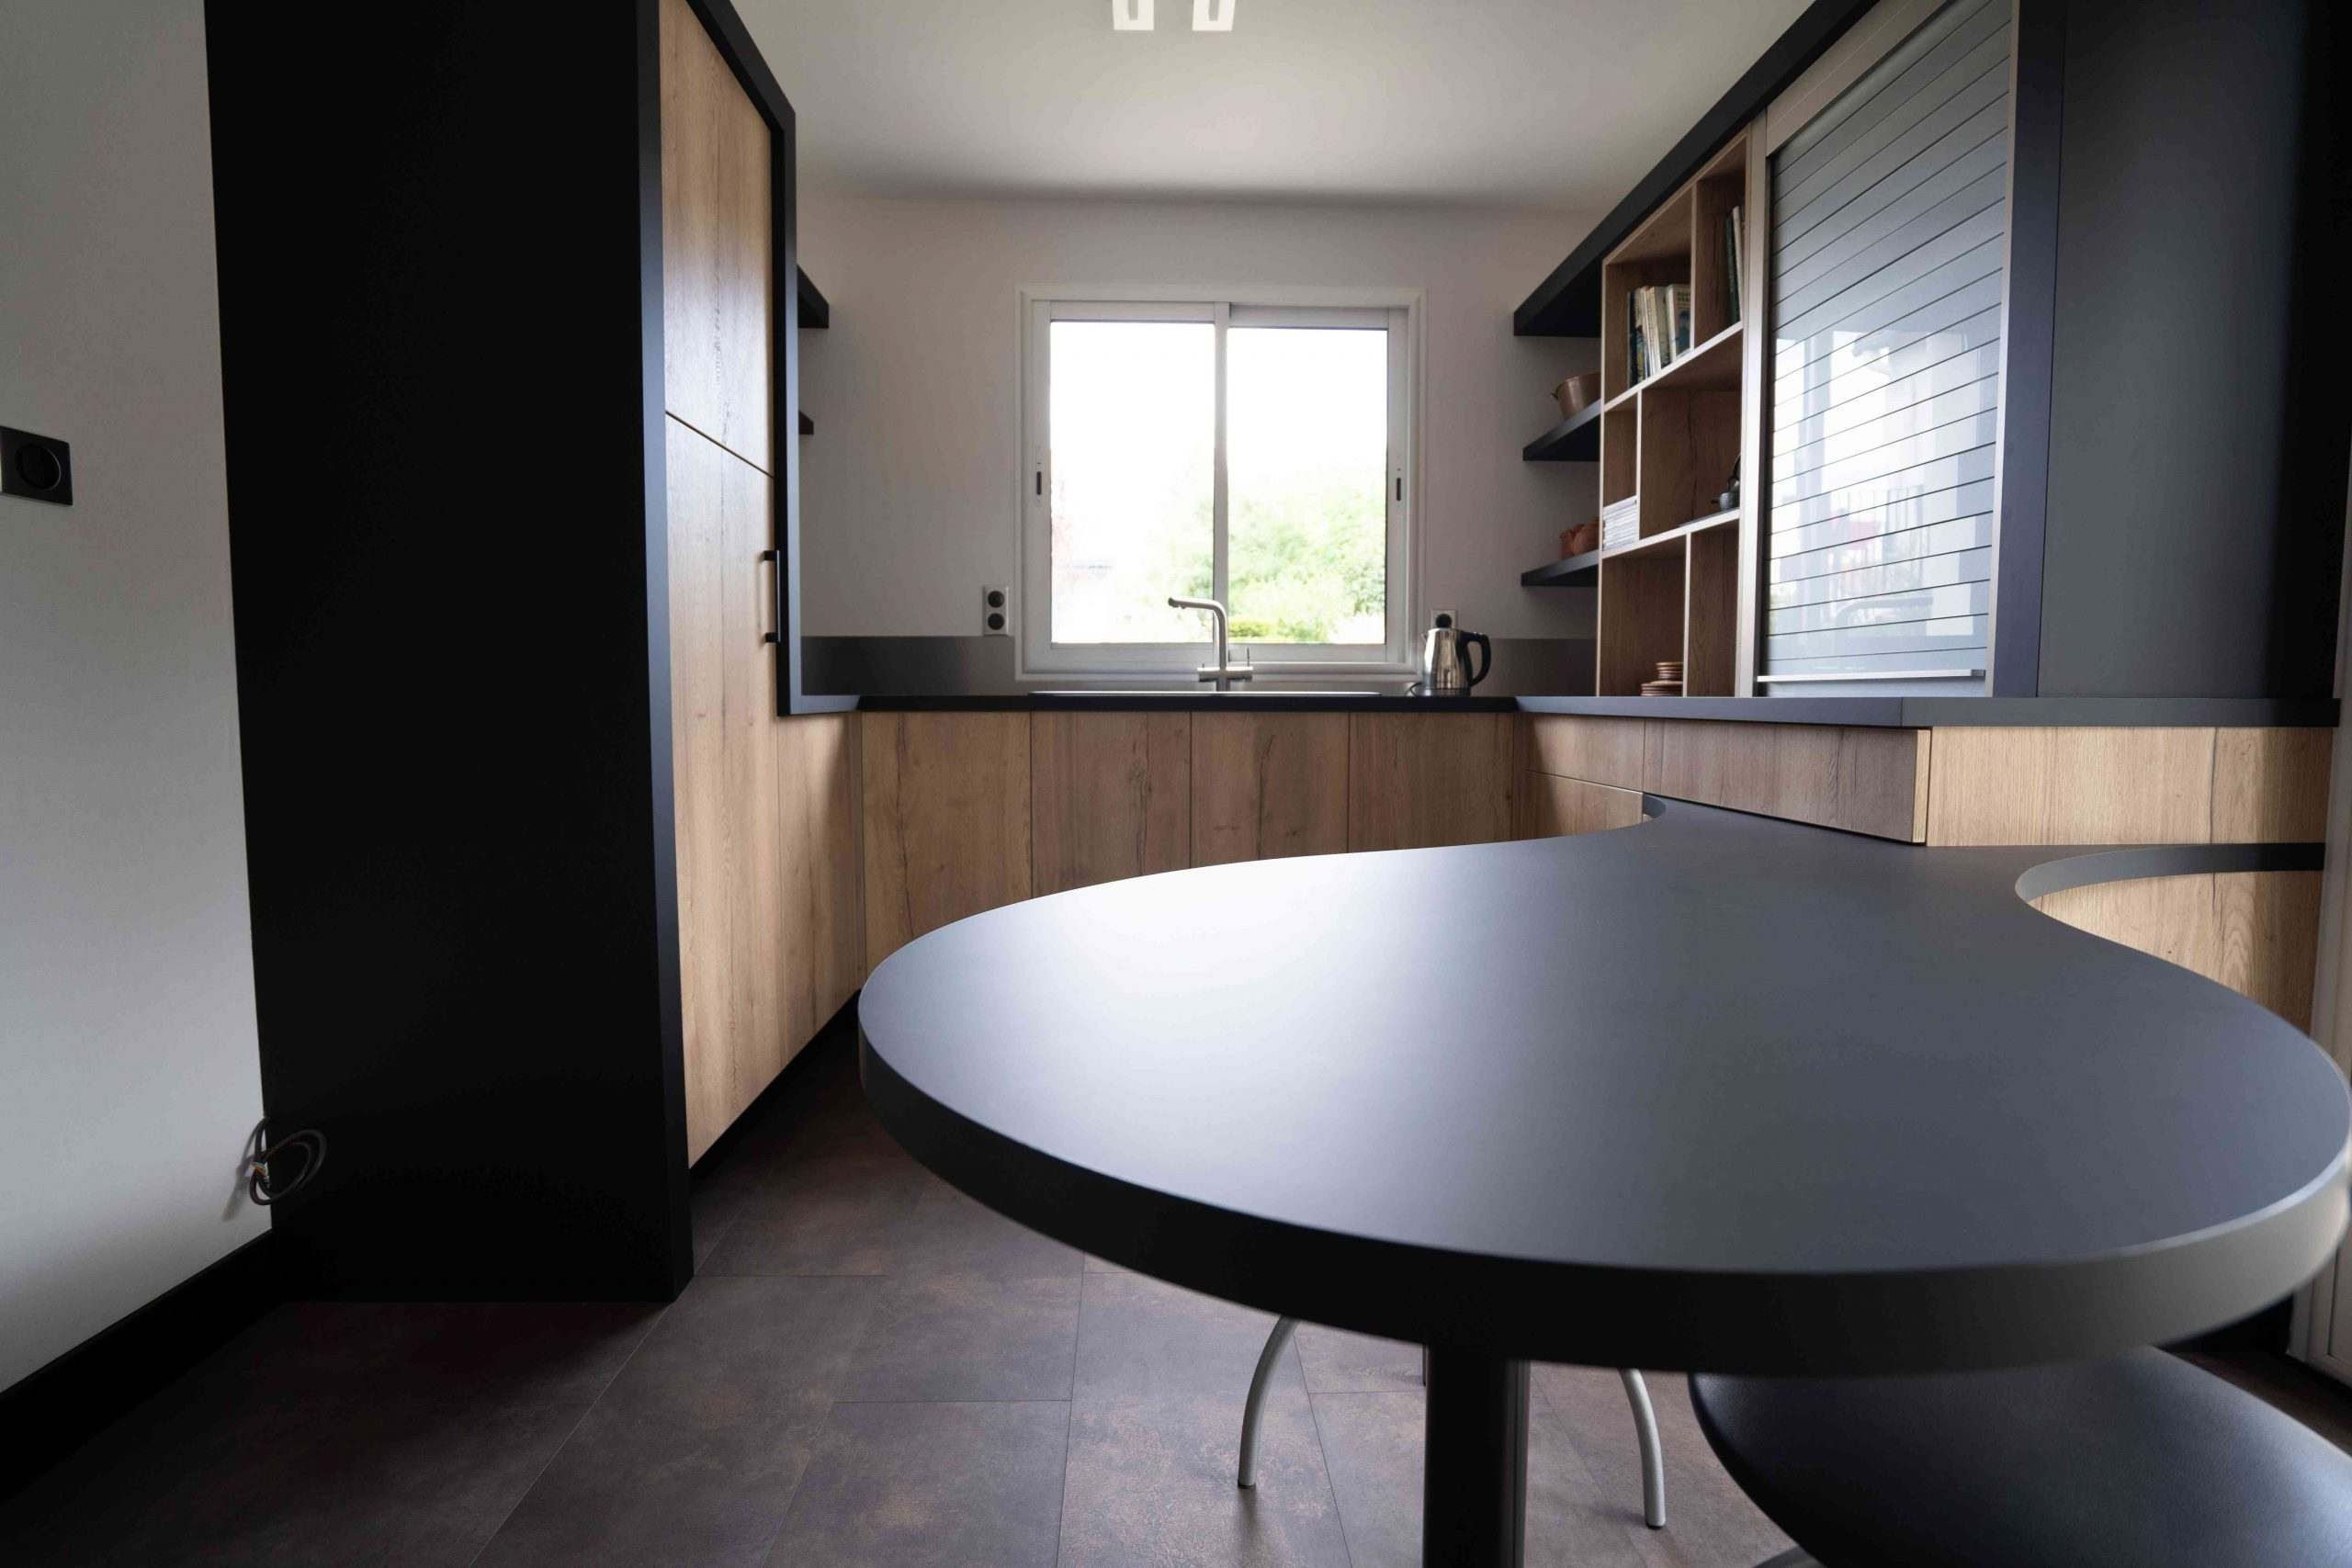 RDI01278 scaled - Cuisine noir et chêne avec table de repas arrondie